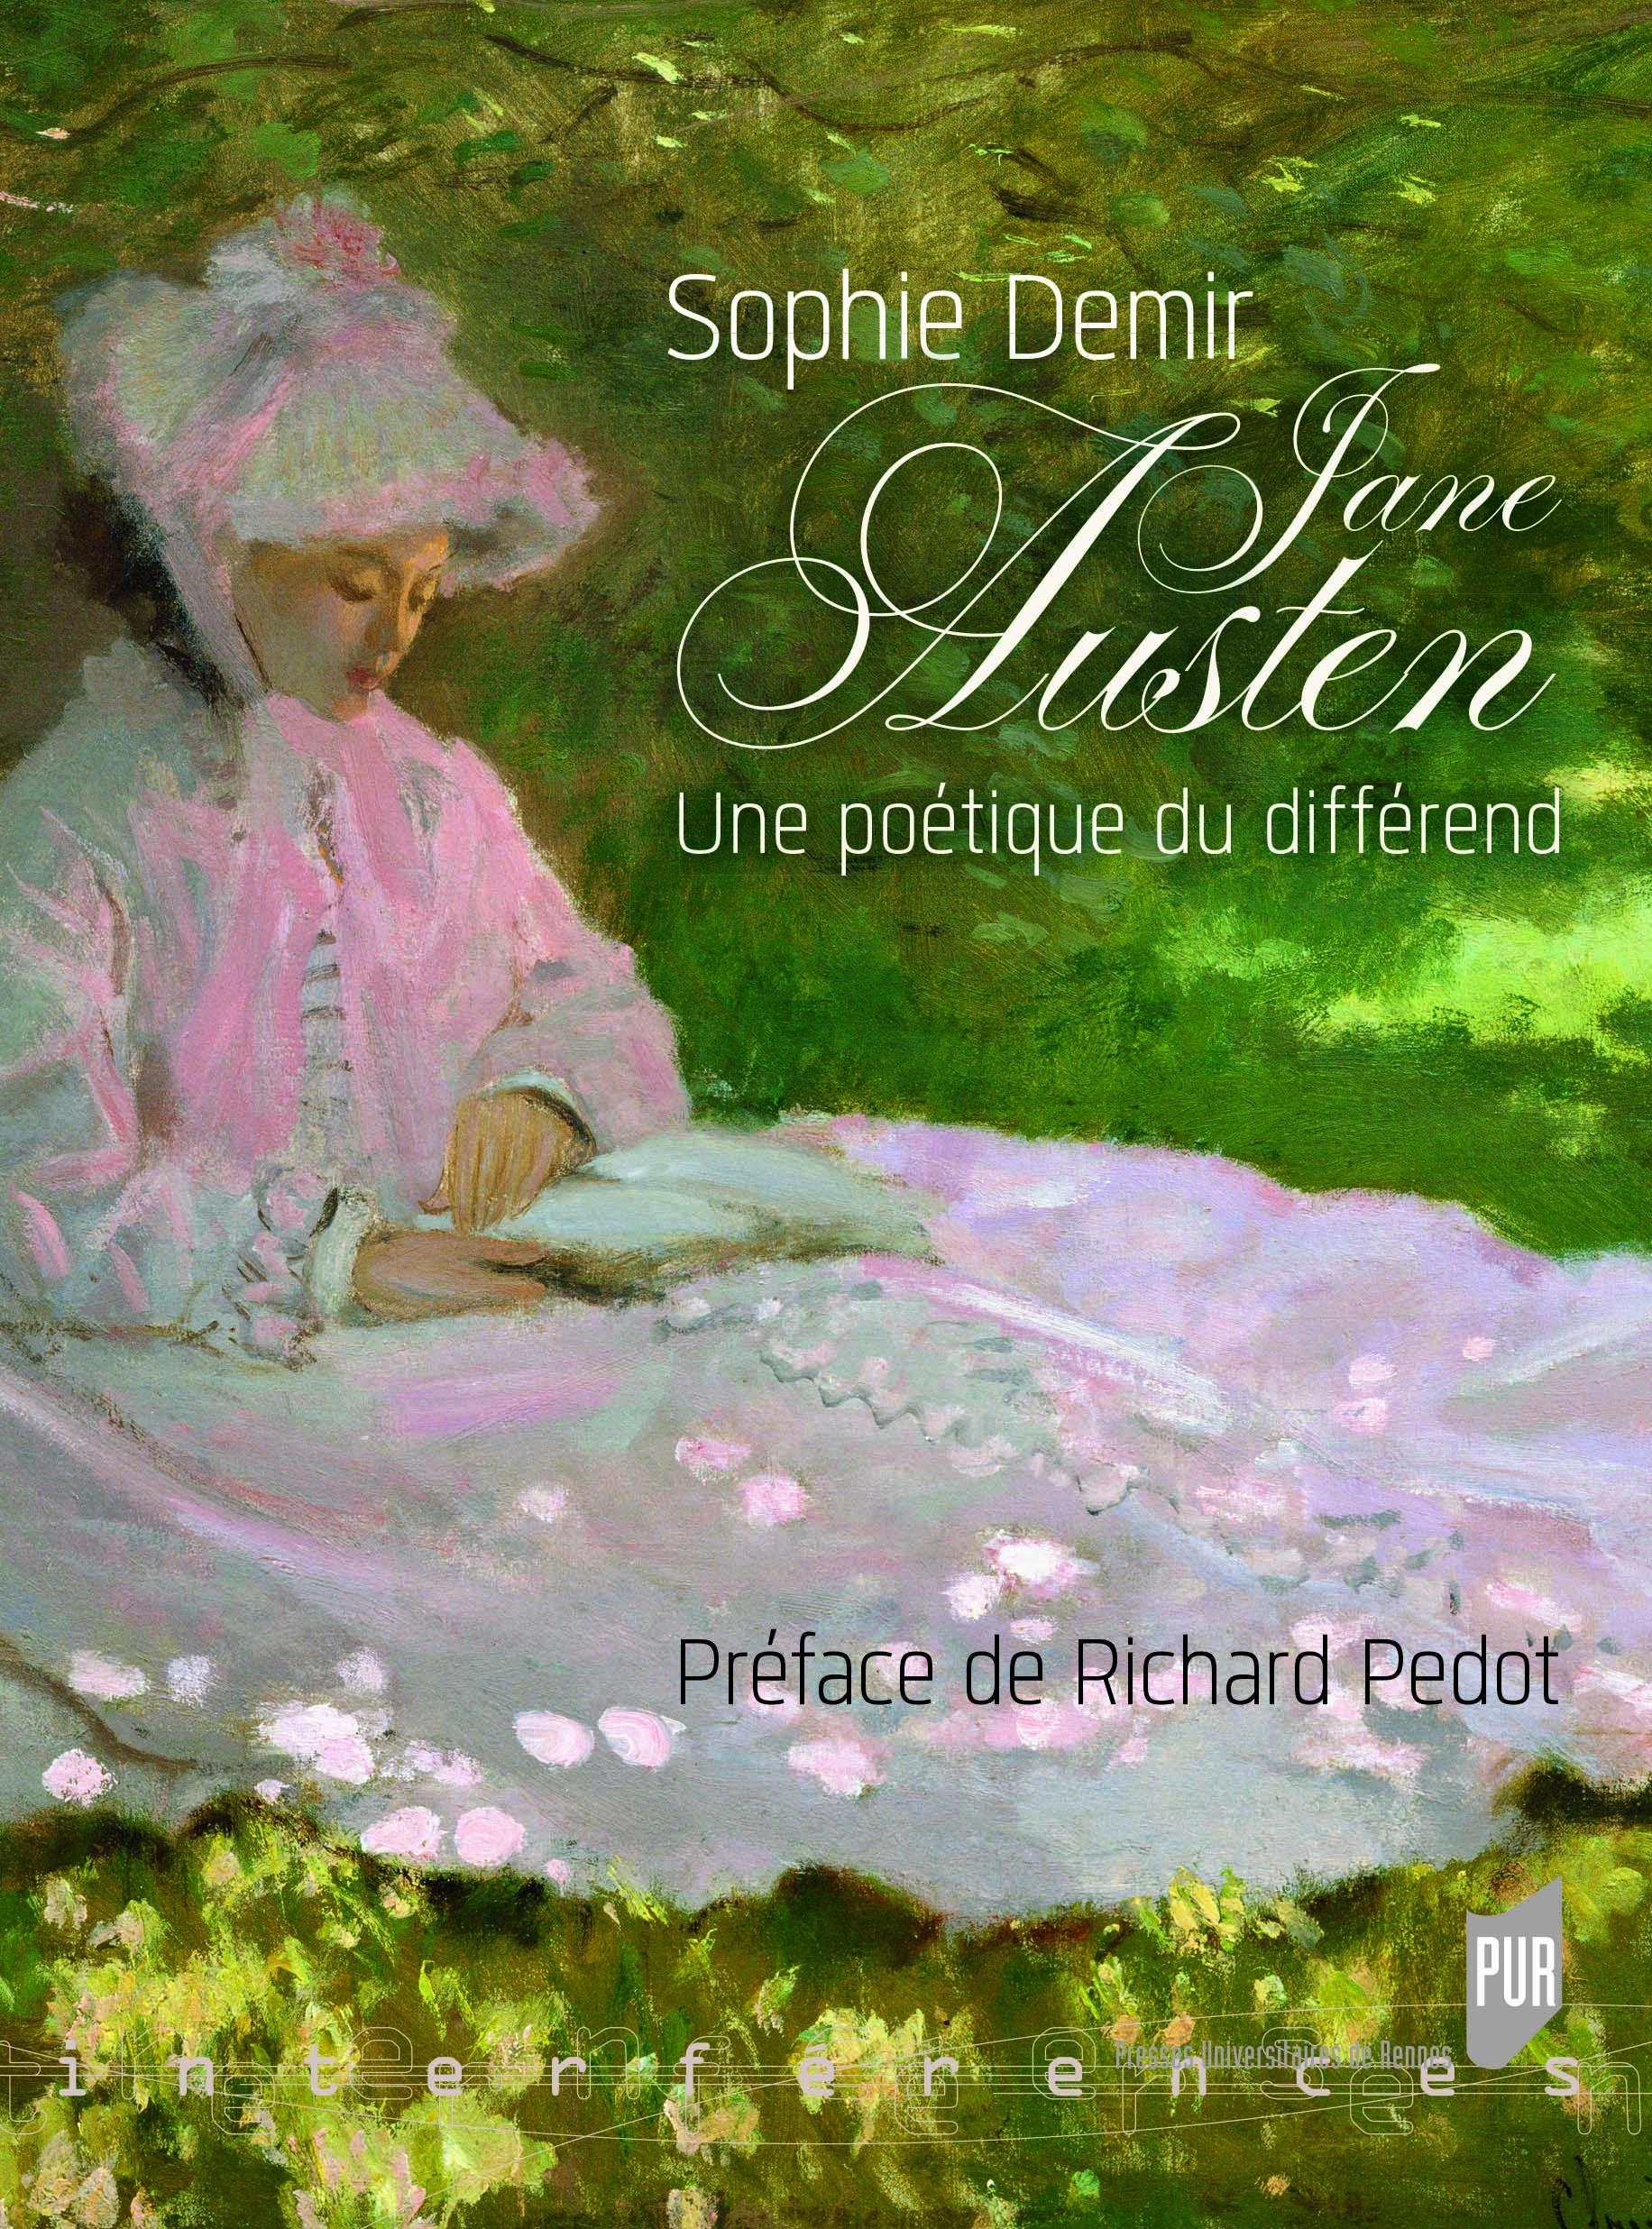 Couverture ouvrage de Sophie Demir : Jane Austen, Une poétique du différend